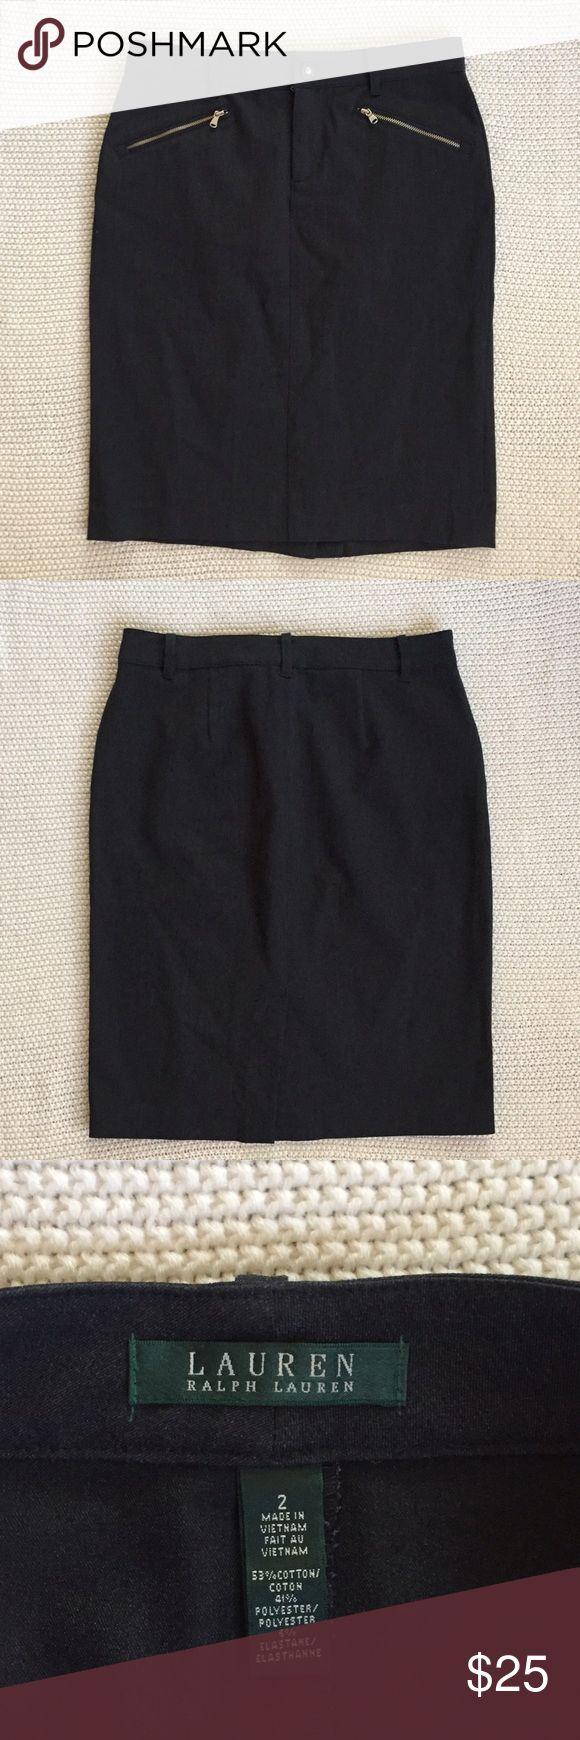 Ralph Lauren Pencil Skirt Charcoal gray pencil skirt with zipper pockets. 53% cotton, 41% polyester, 6% elastane. Lauren Ralph Lauren Skirts Pencil